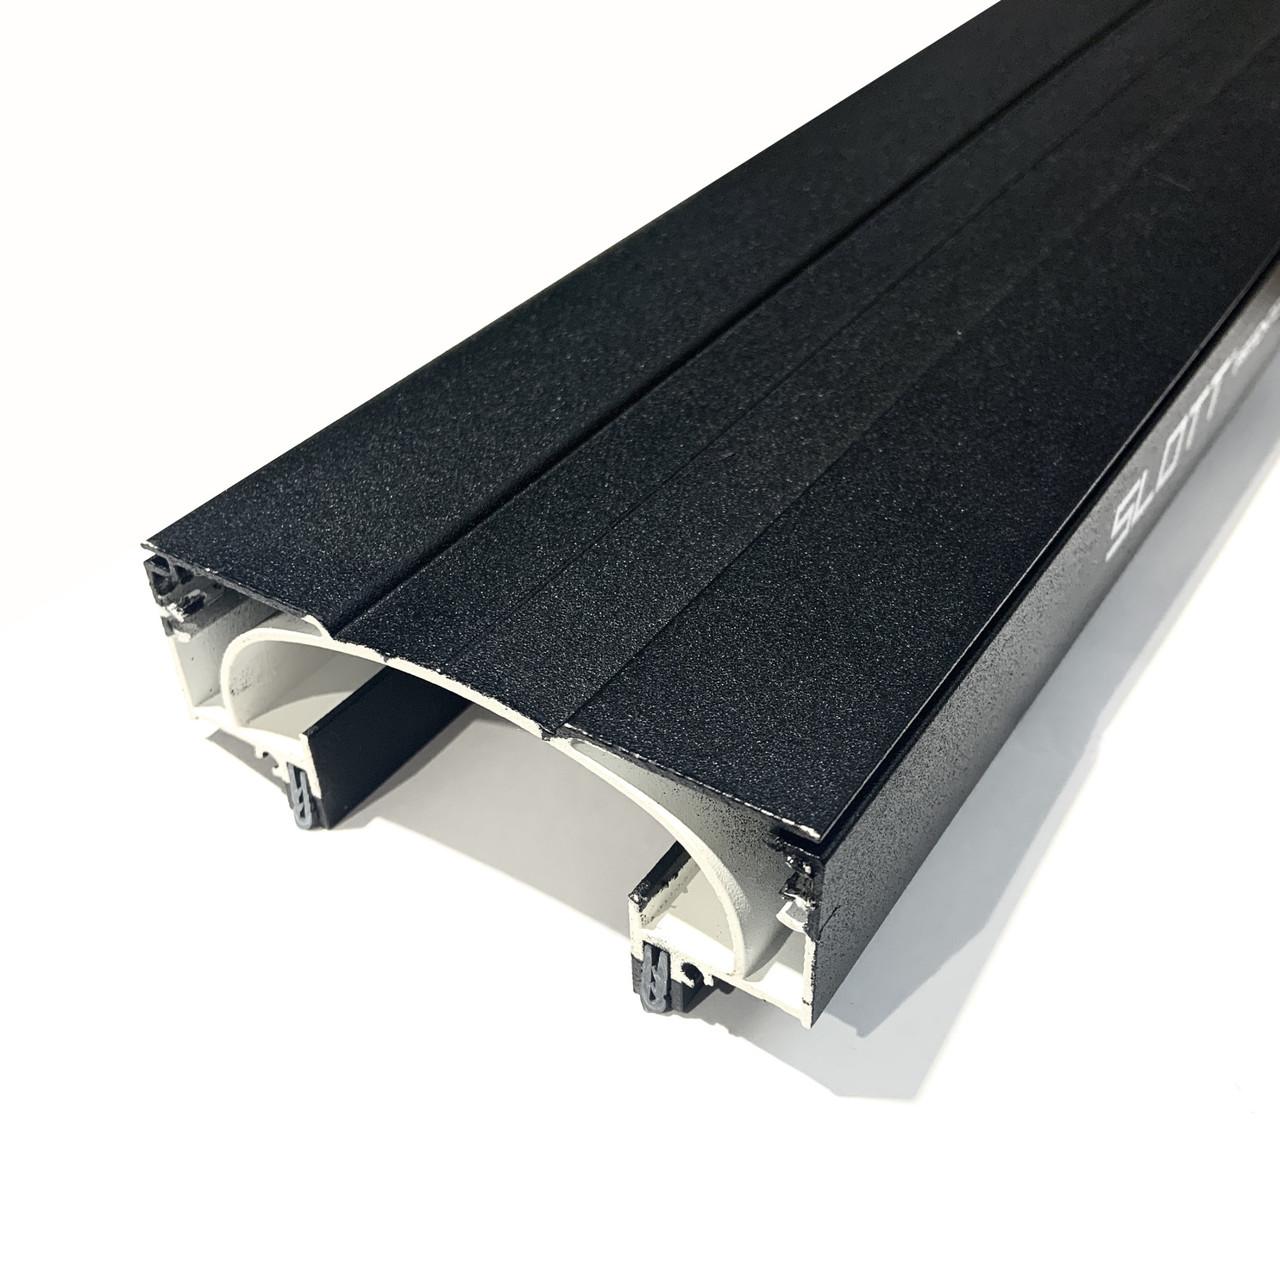 Профіль алюмінієвий для натяжних стель - світлові лінії SLOTT ніша(ЧОРНО/БІЛИЙ)